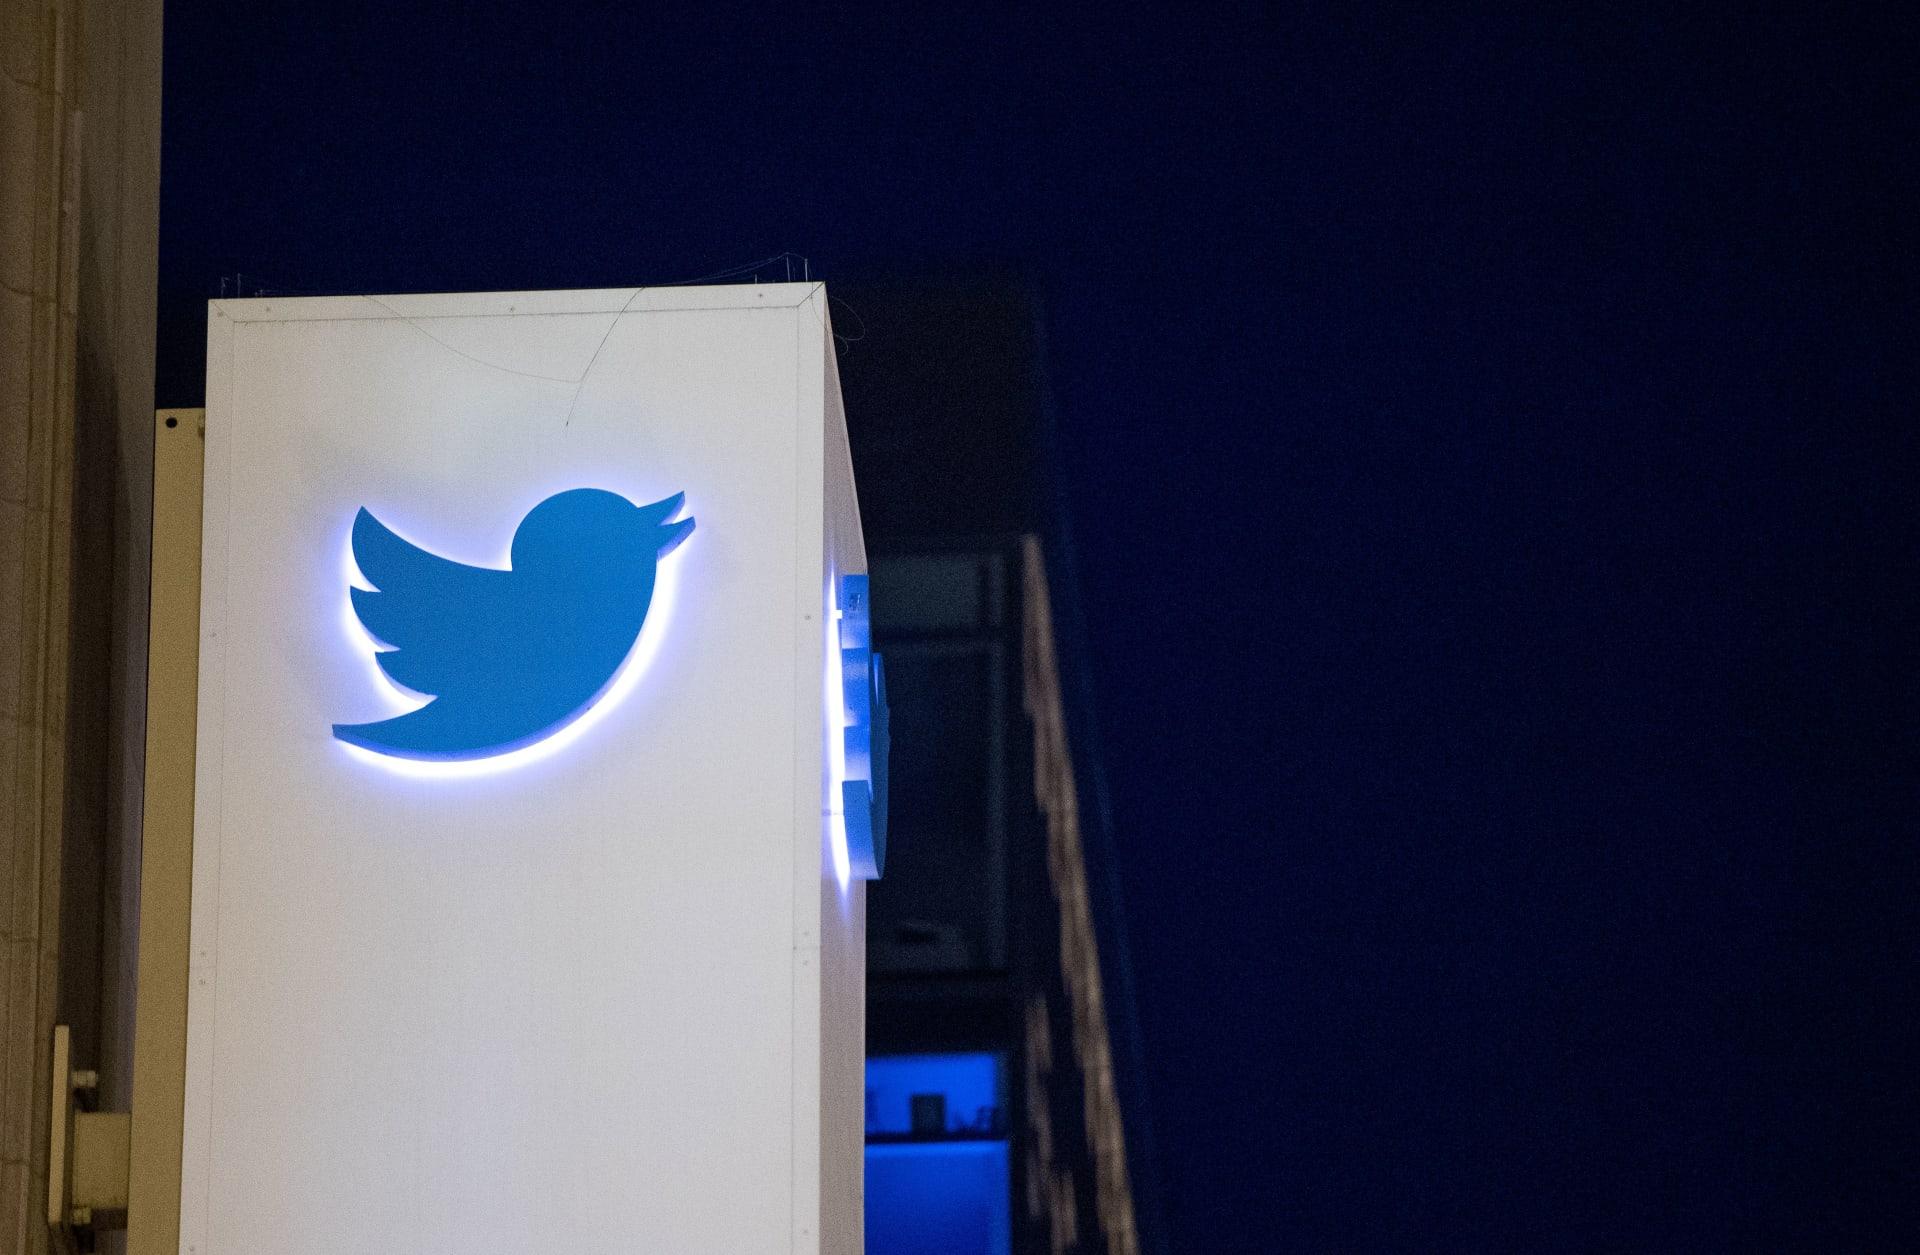 تويتر: لا أدلة على سرقة كلمات المرور خلال اختراق الأربعاء الهائل